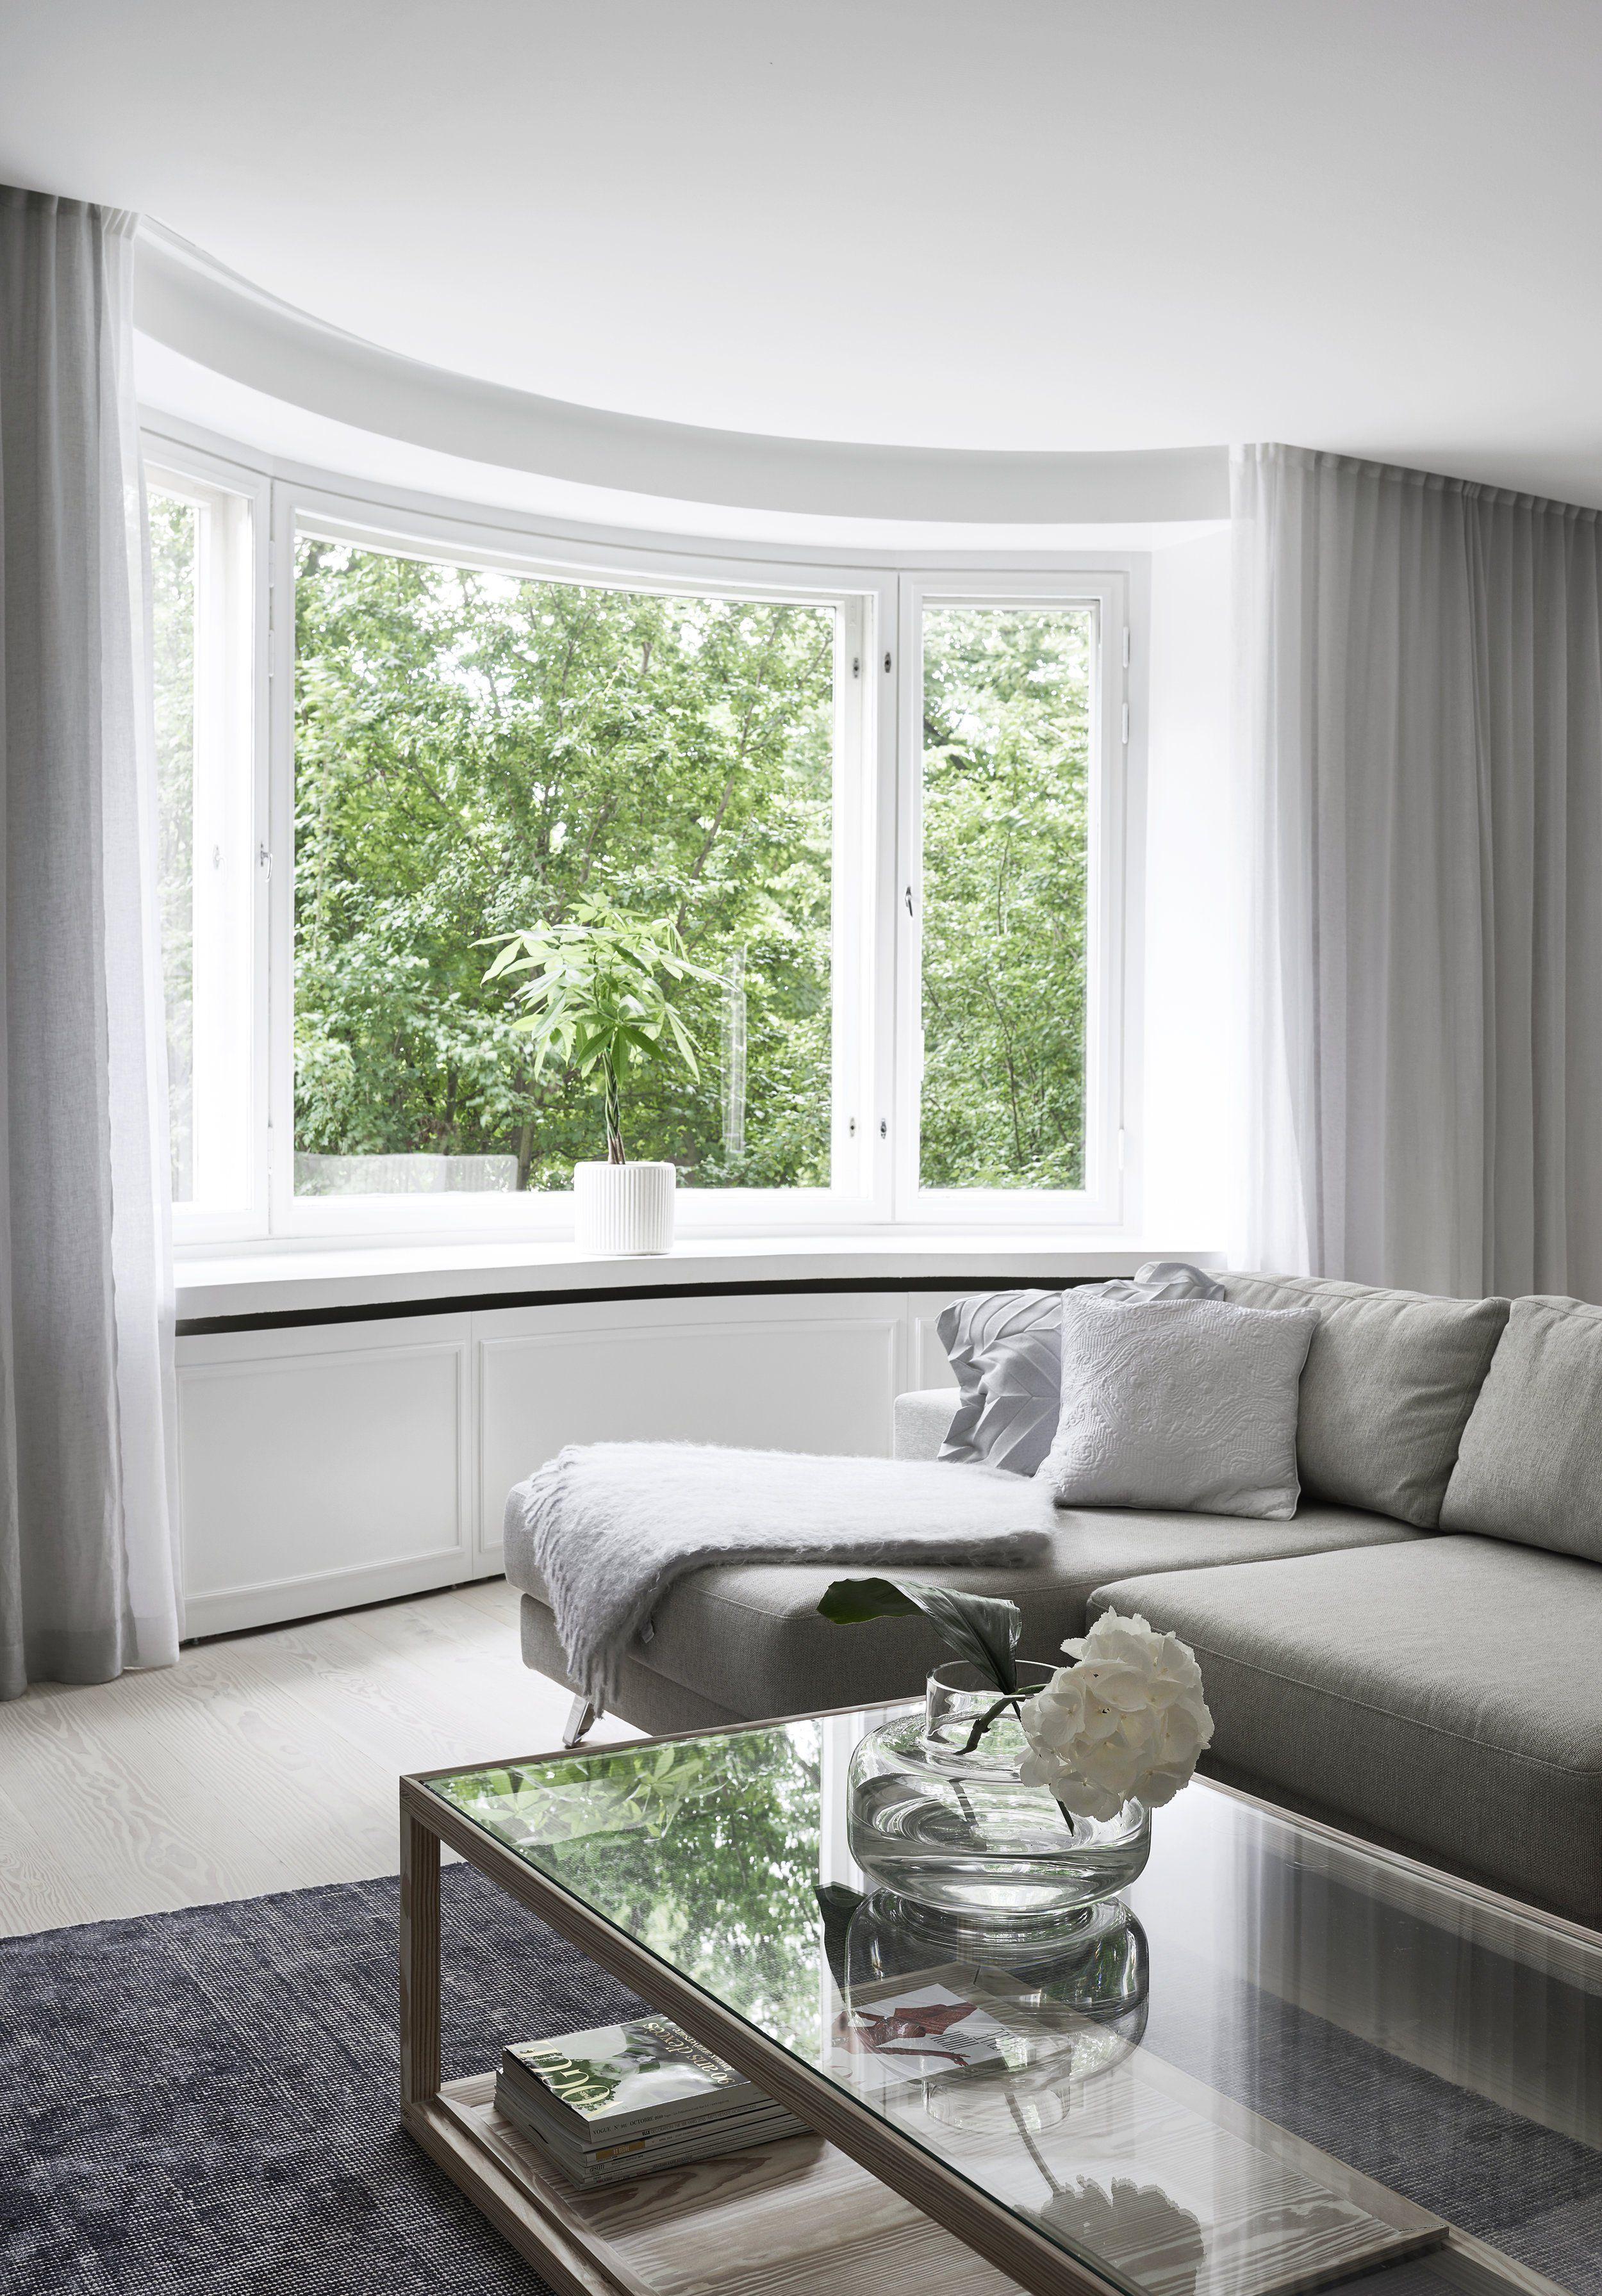 Superior A Bright White Finnish Home   Via Coco Lapine Design Blog